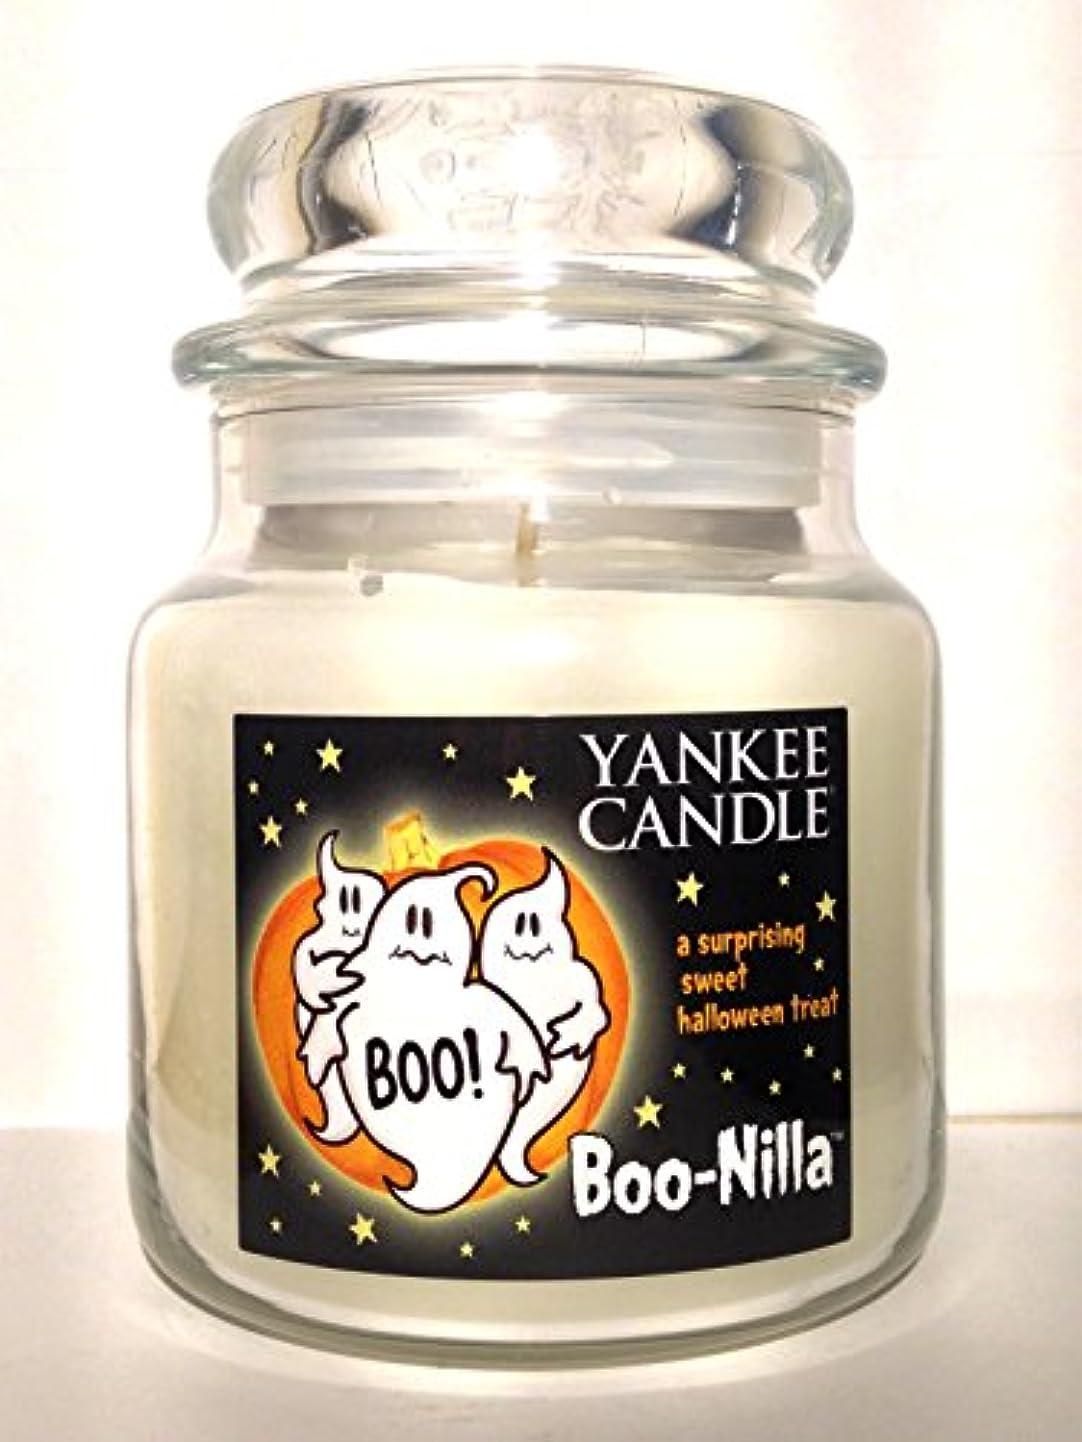 飢えた空虚場所Yankee Candle boo-nilla Boonilla Vanilla Marshmallow香りHalloween Candle